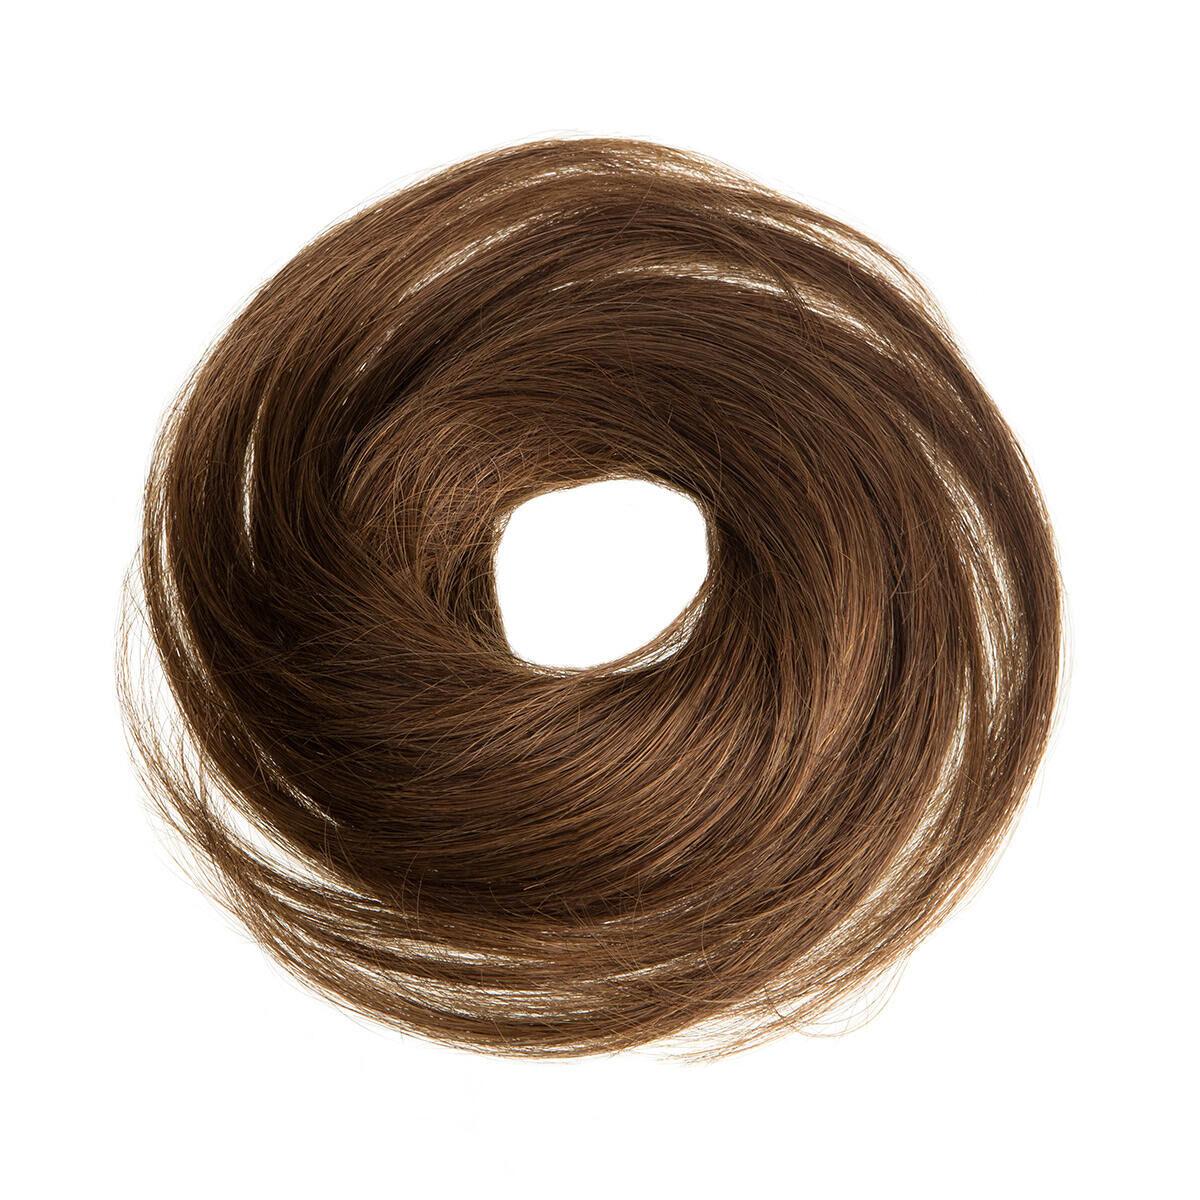 Image of Rapunzel® Aidot hiustenpidennykset Hair Scrunchie Original 20 g 5.0 Brown 0 cm